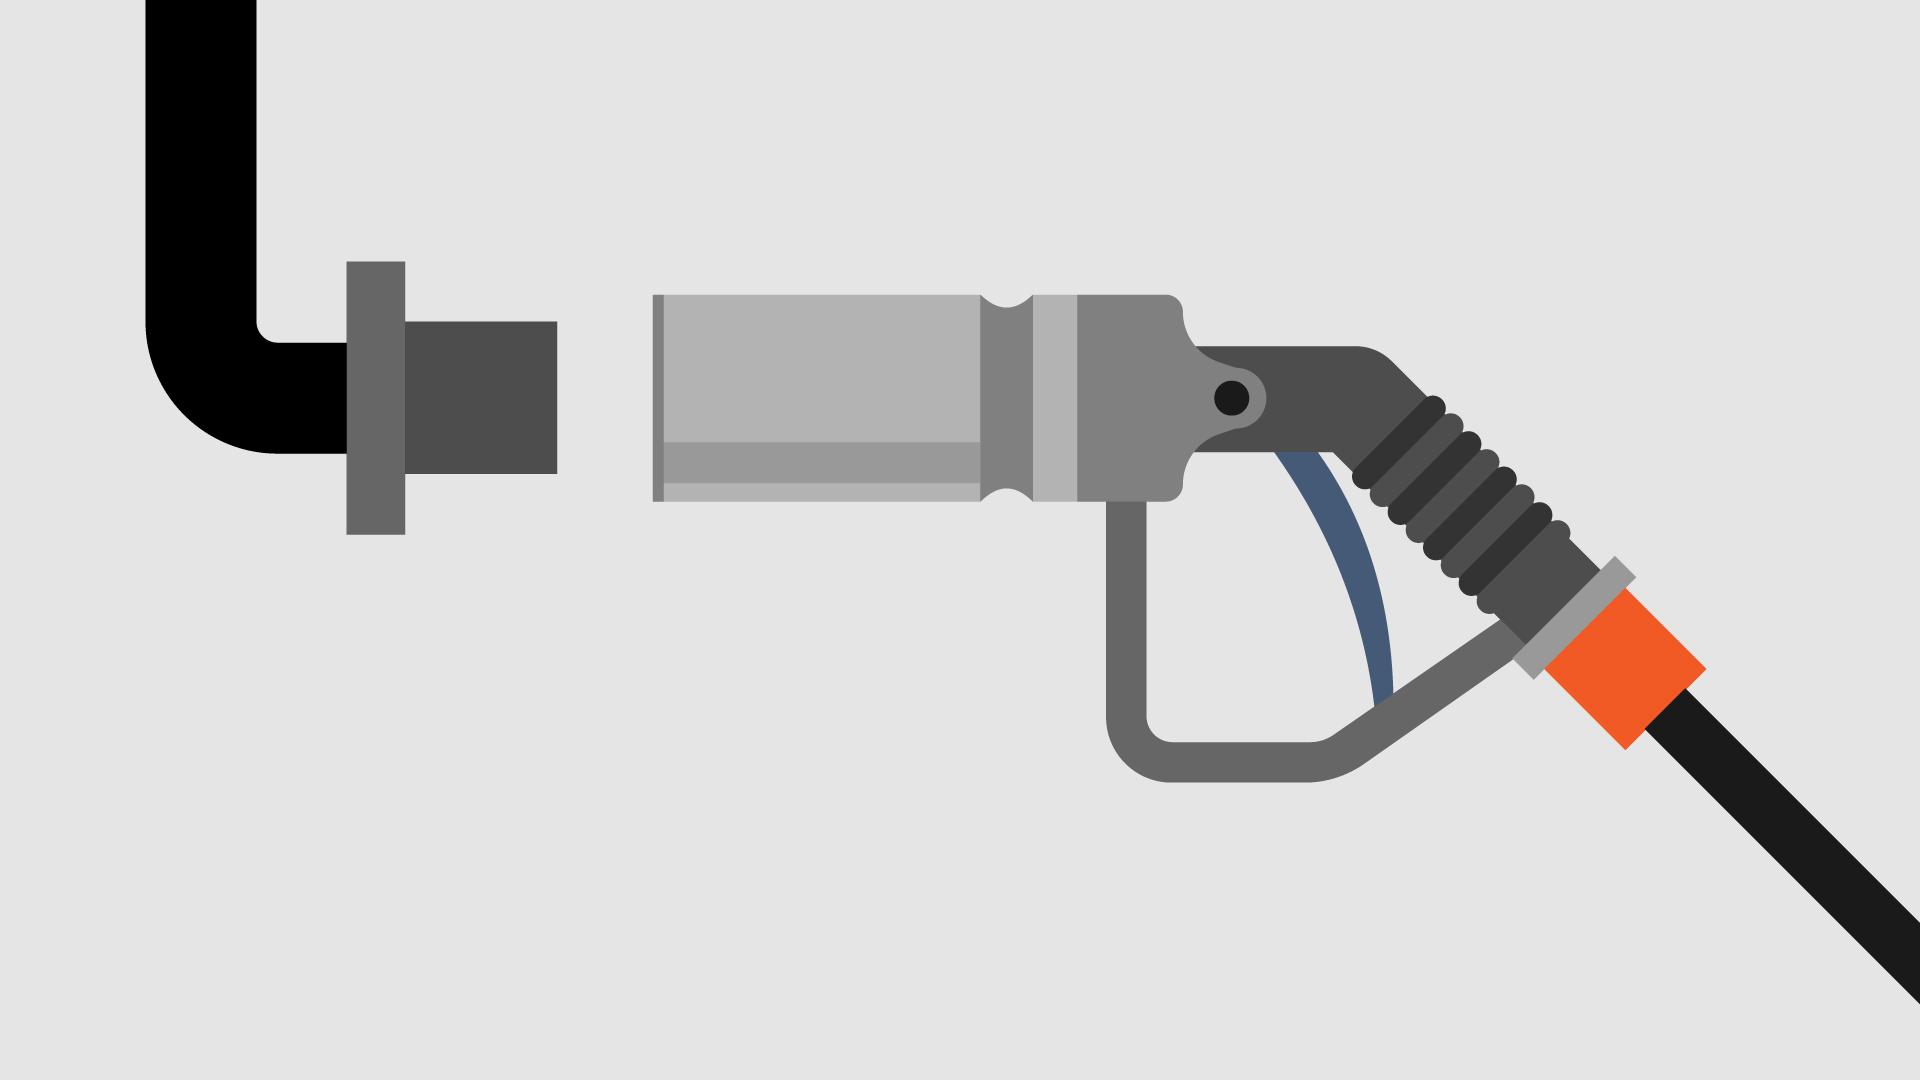 Gas Refilling Hose Nozzle